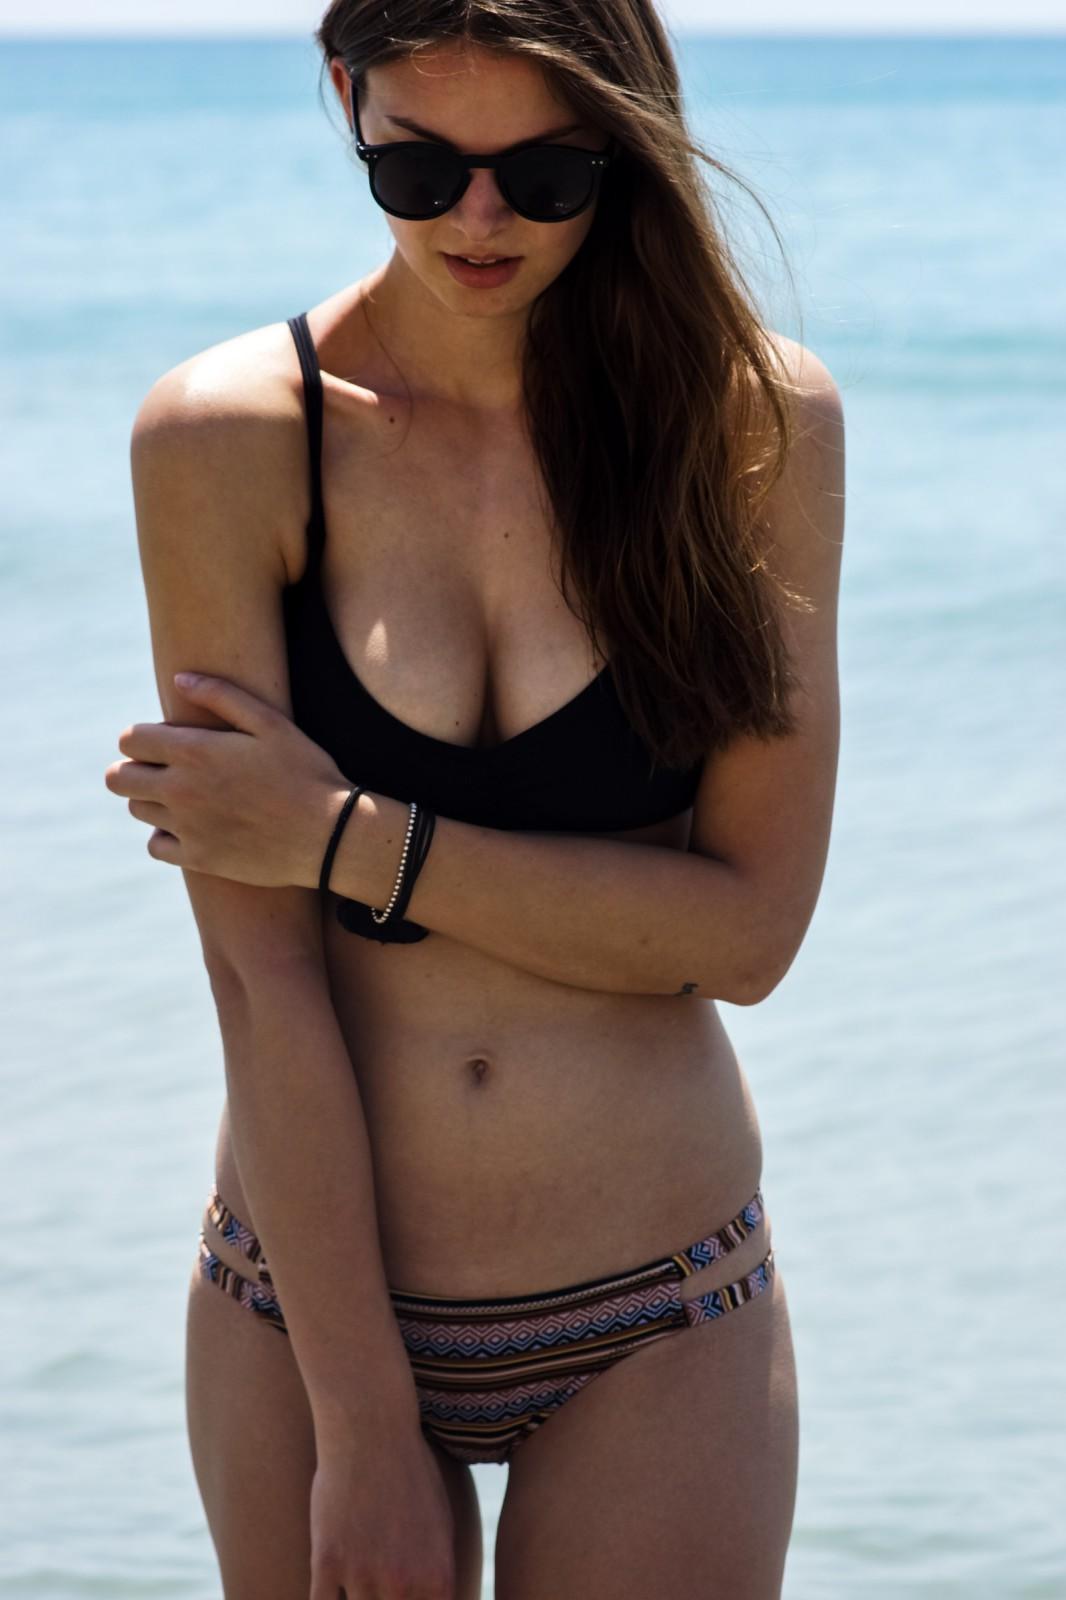 Volcom Bikini